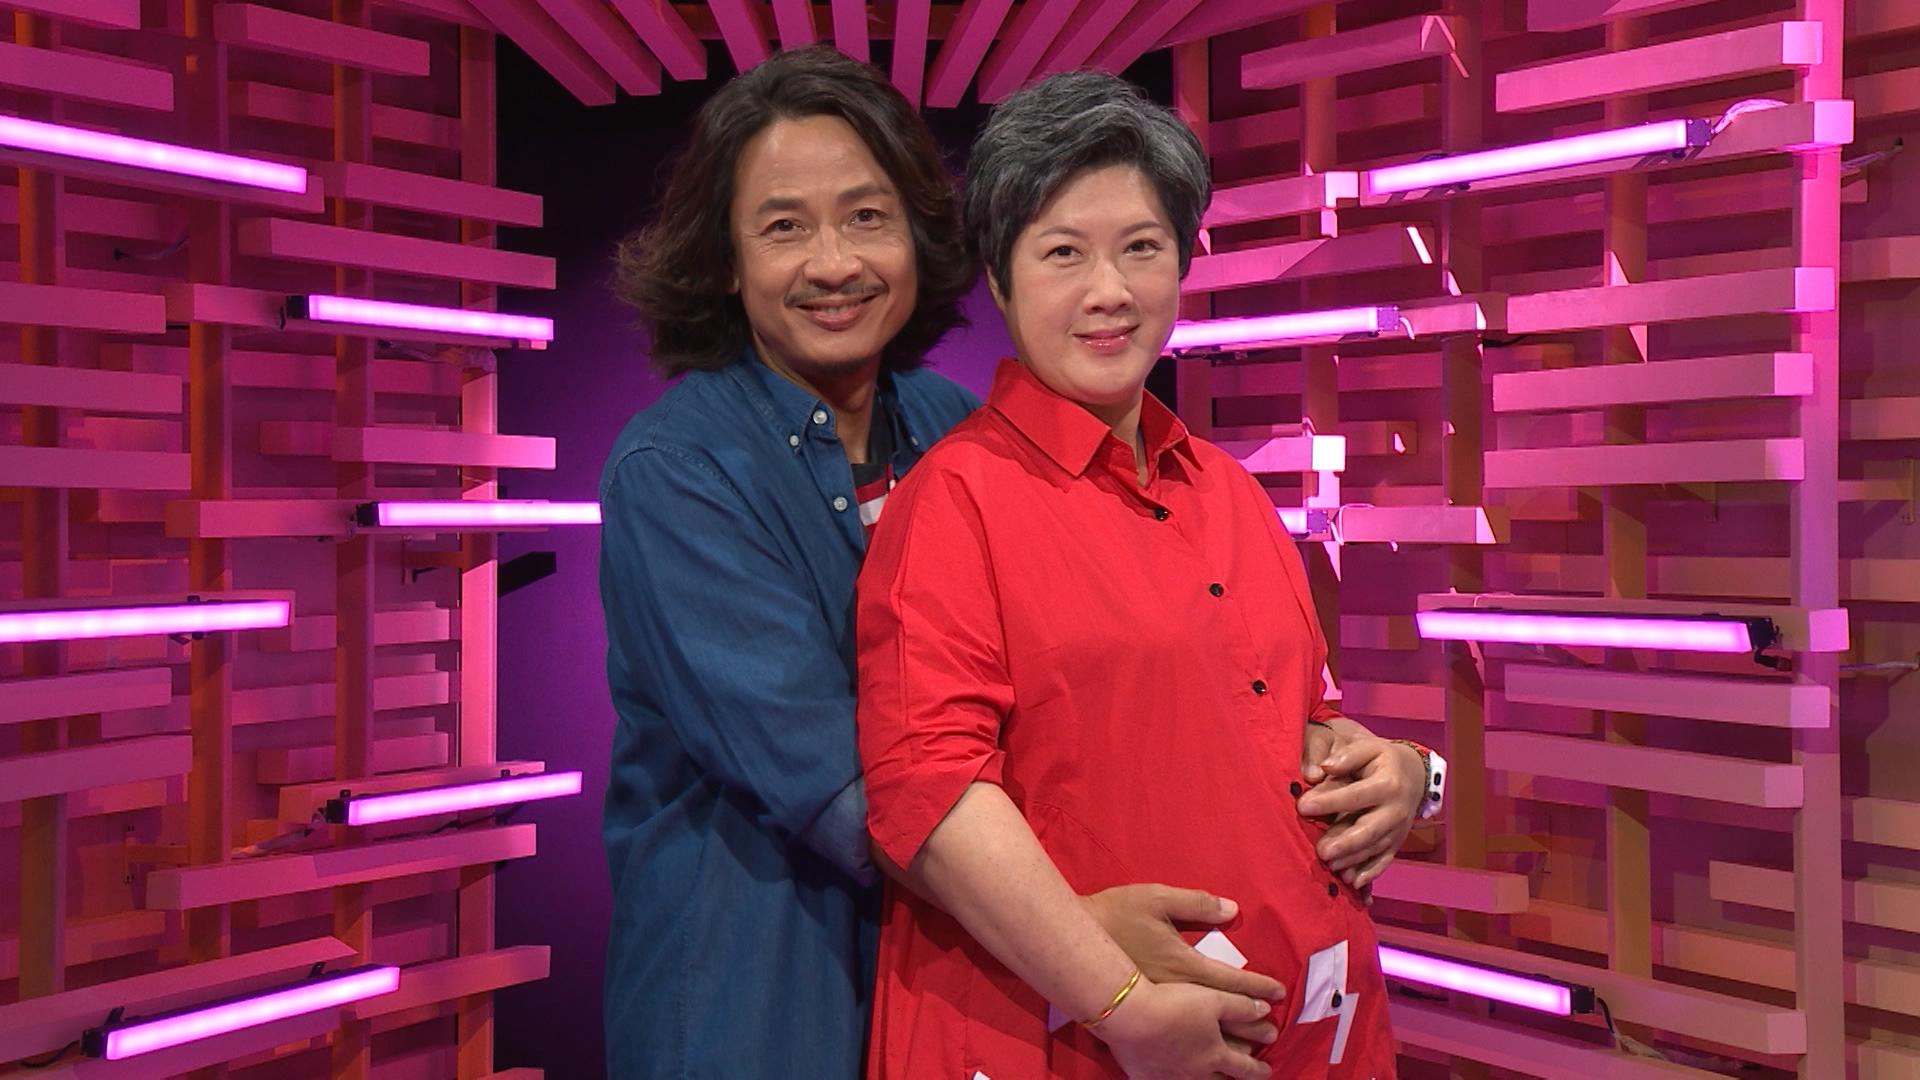 黃澤鋒與太太陳麗麗早前為ViuTV節目《晚吹 - 啪啪Partner》擔任嘉賓。